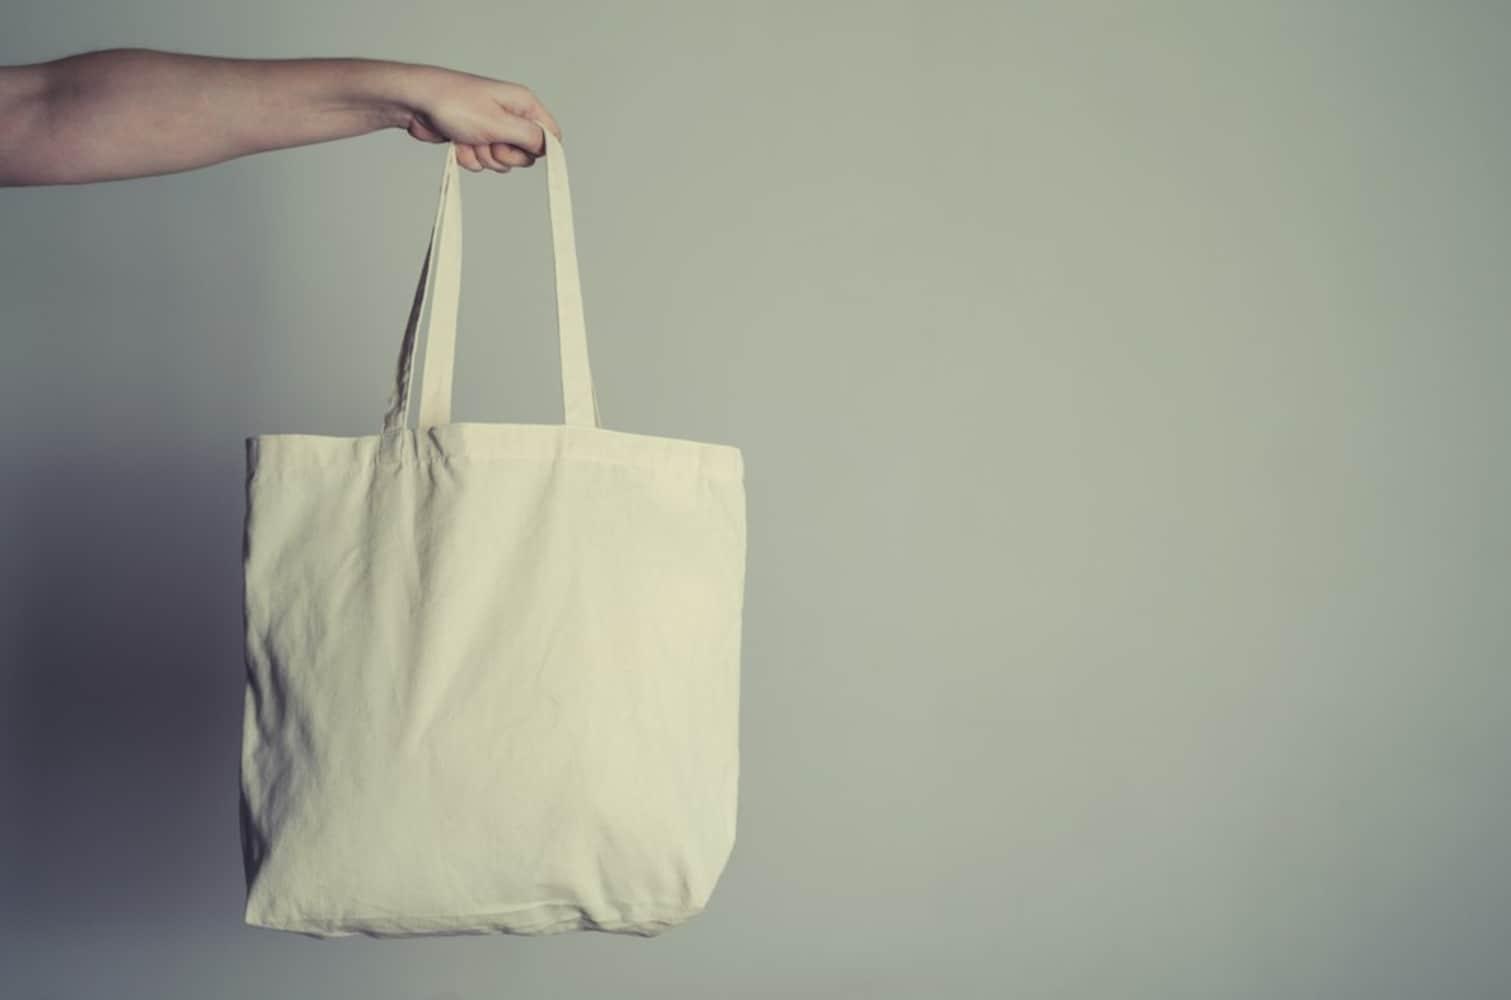 バッグを持ち運ぶ女性